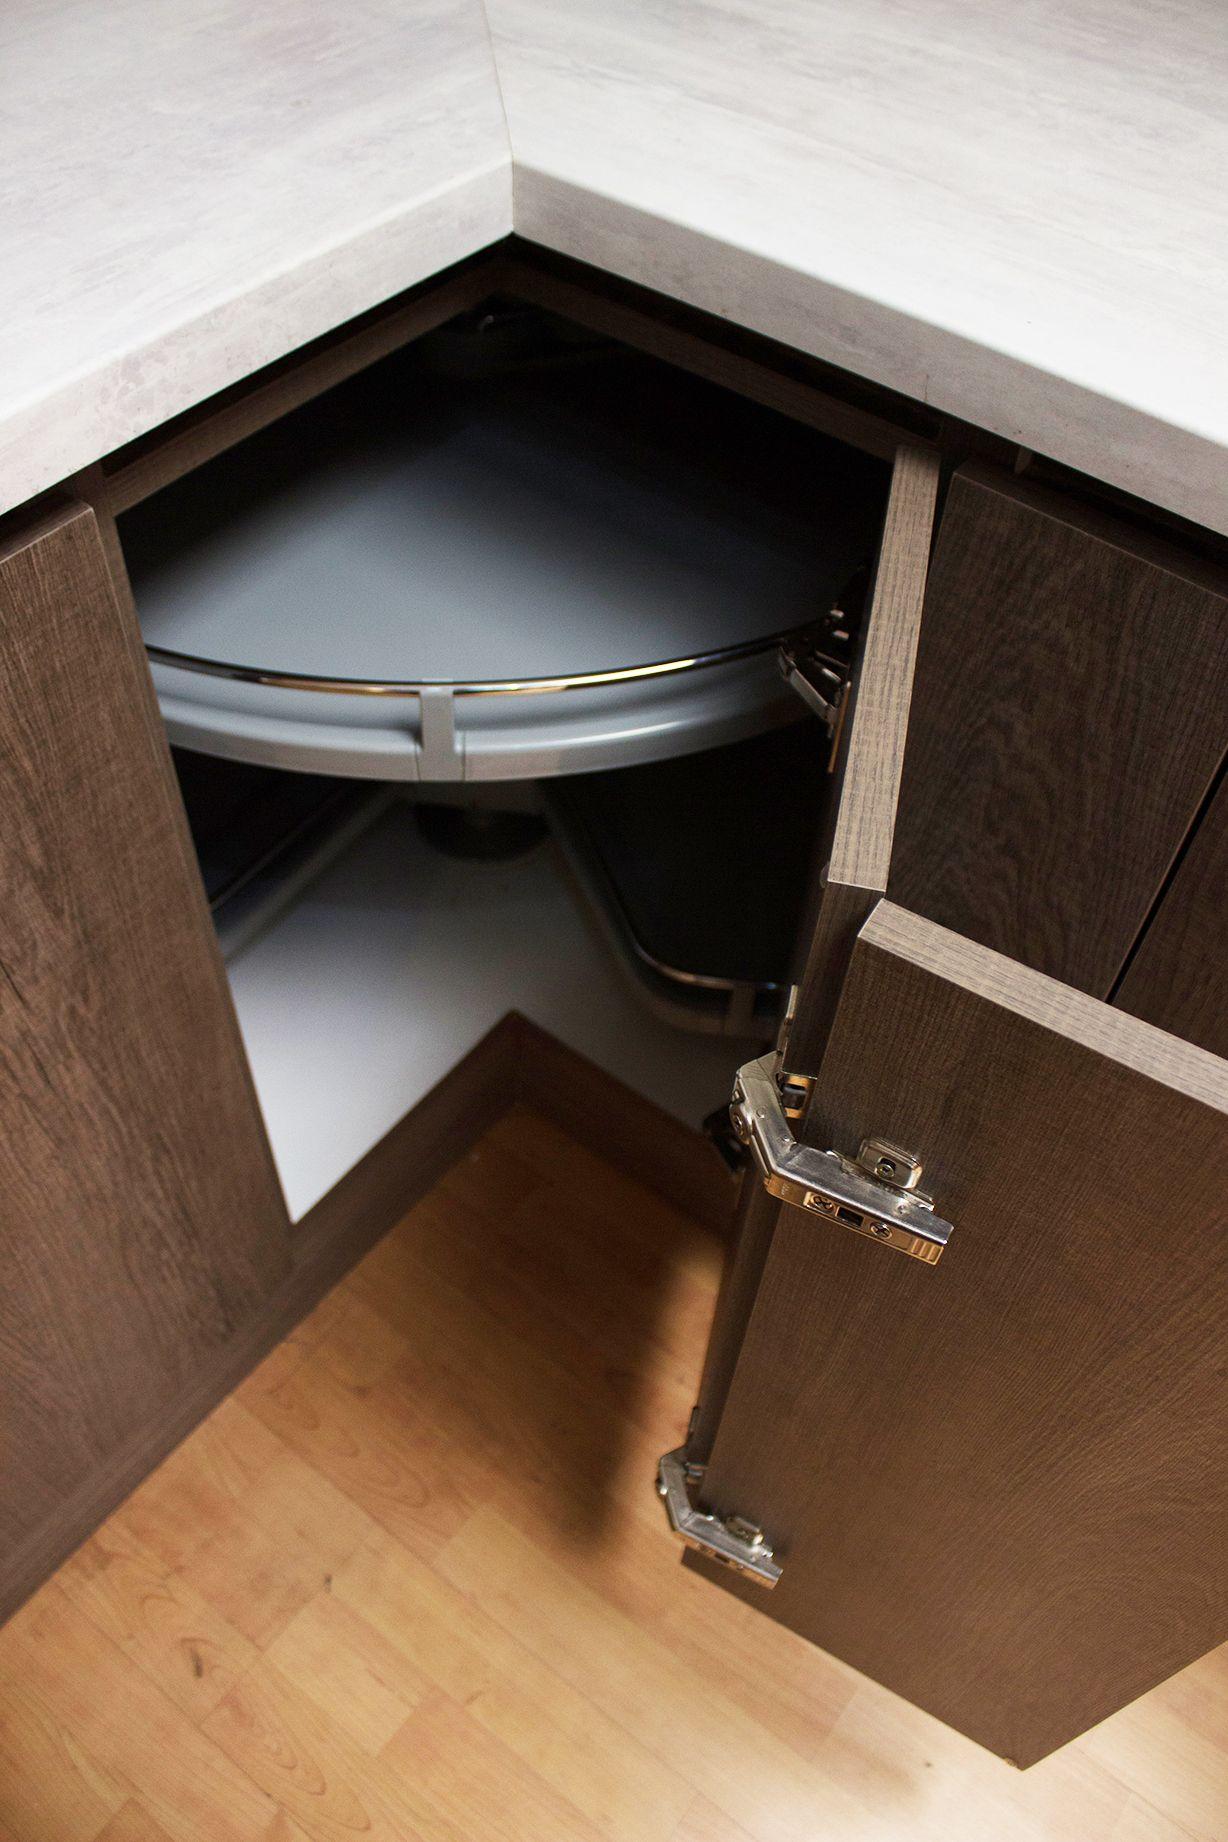 Muebles esquineros de cocina perfect mueble esquinero for Muebles de cocina esquineros